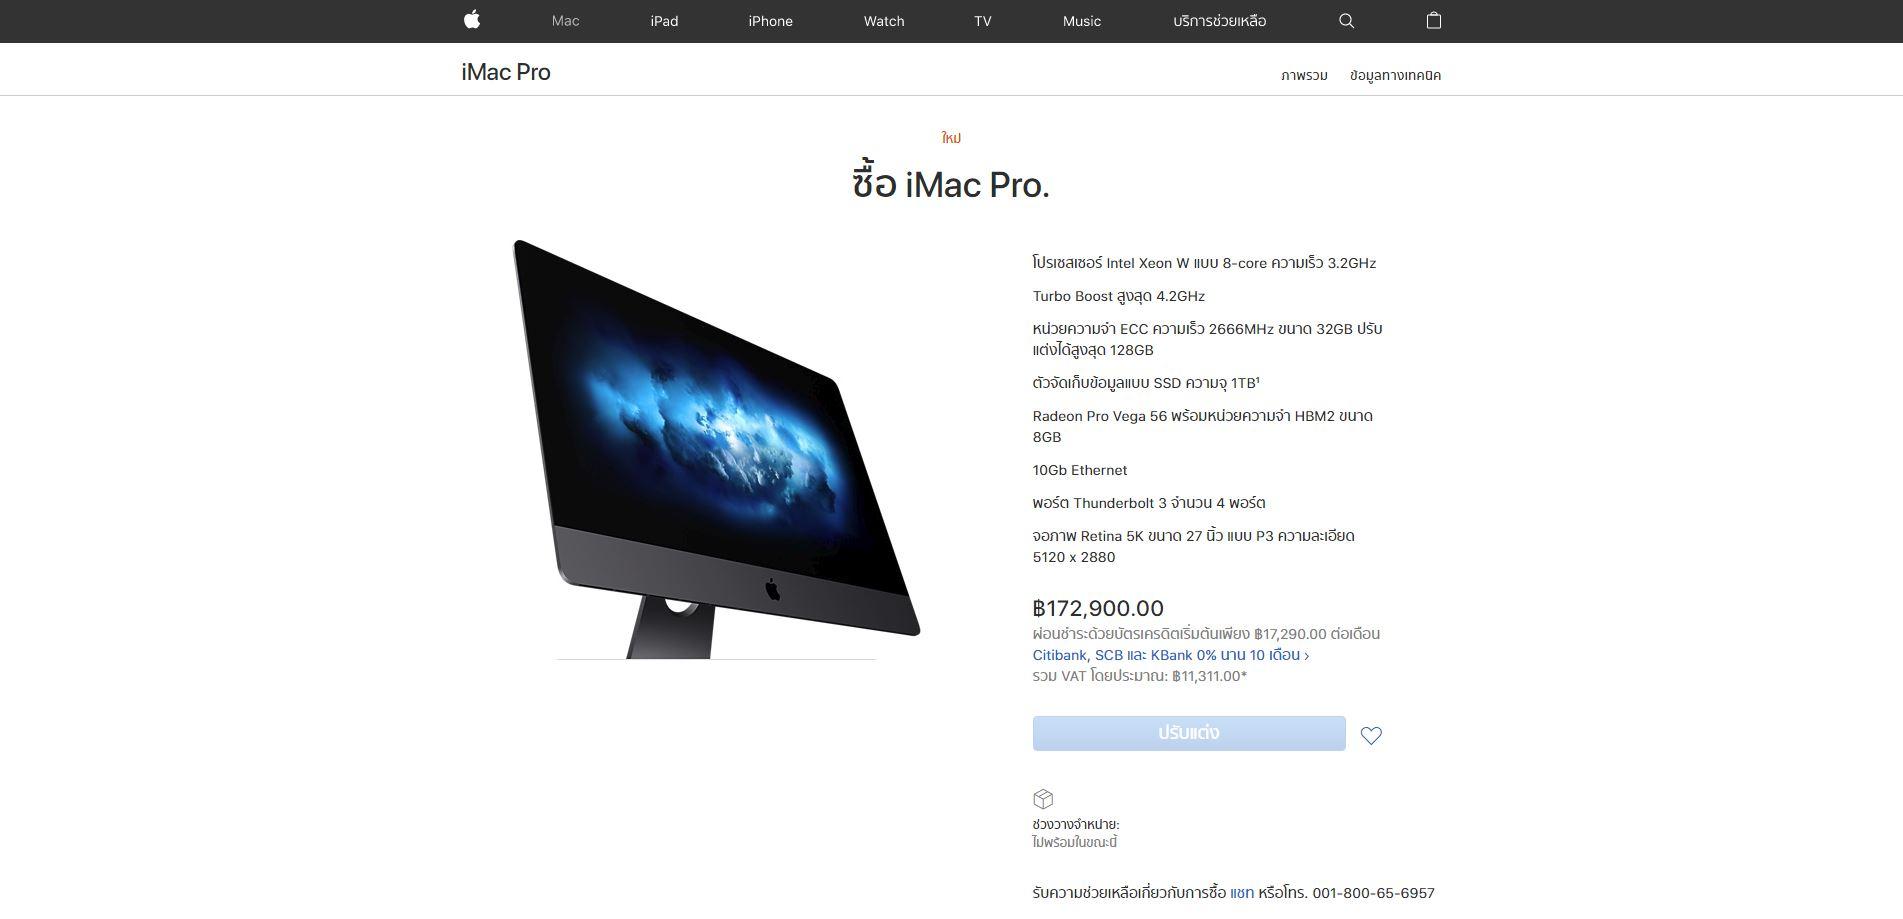 ราคา iMac Pro ในไทย